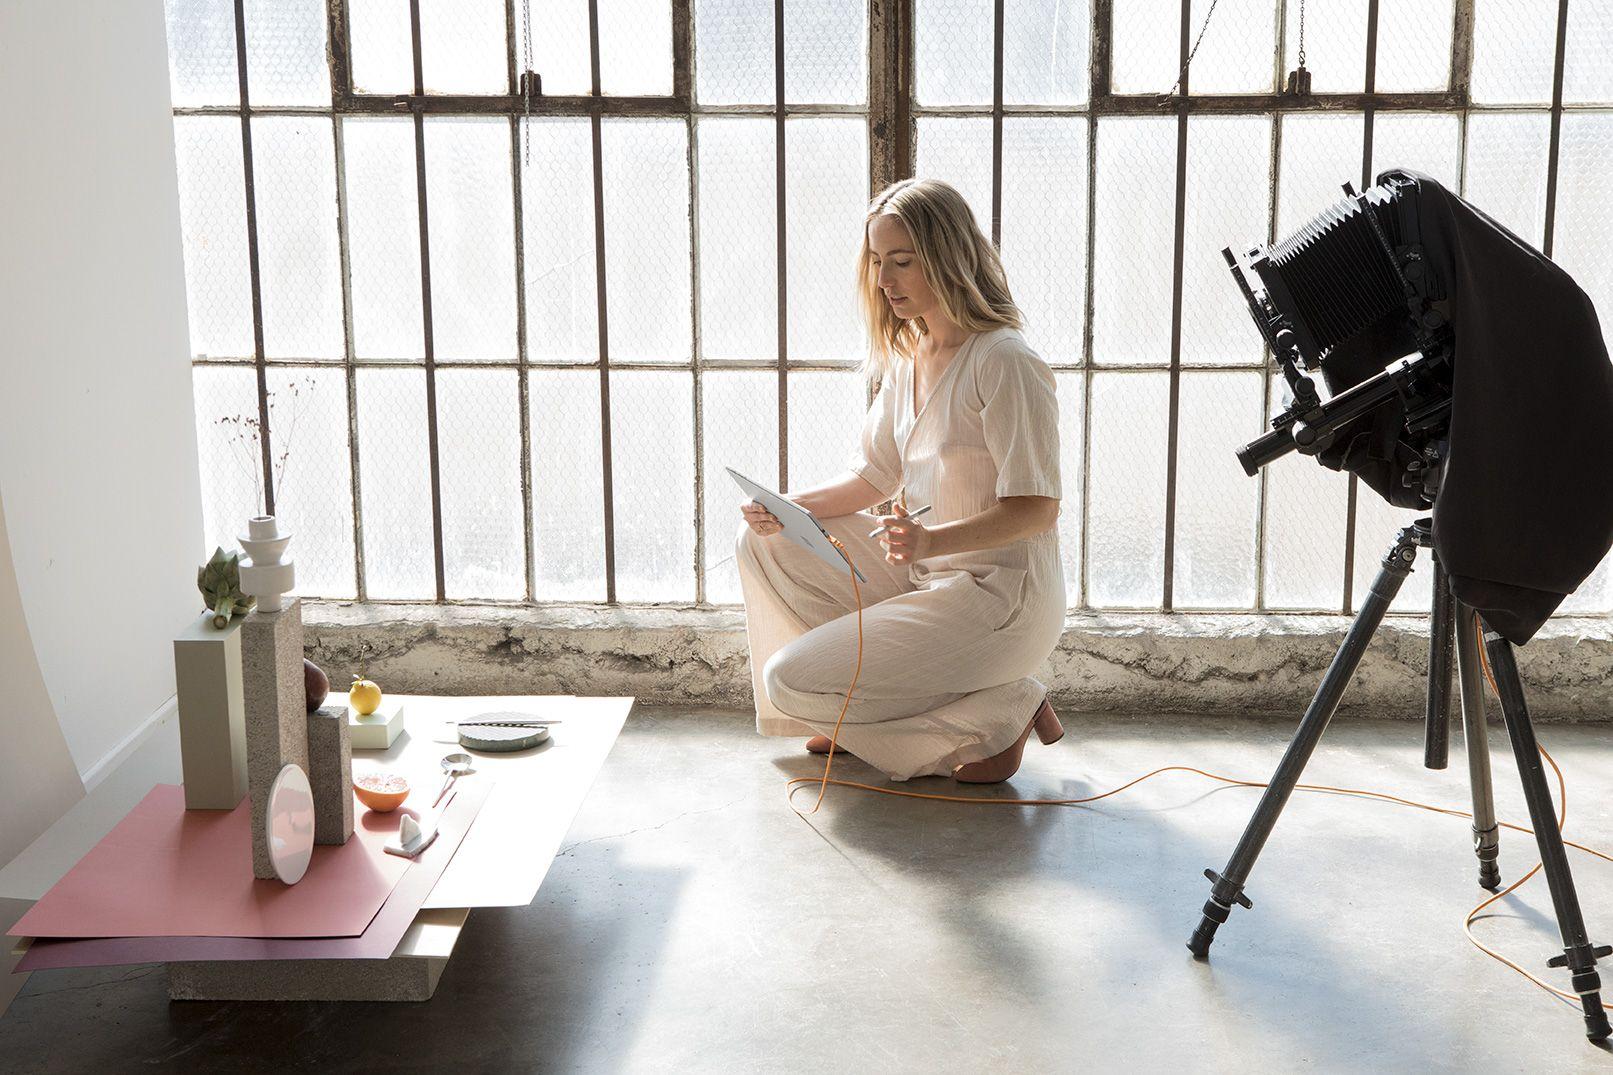 Eine Frau arbeitet in einem Fotostudio an einem Surface Pro